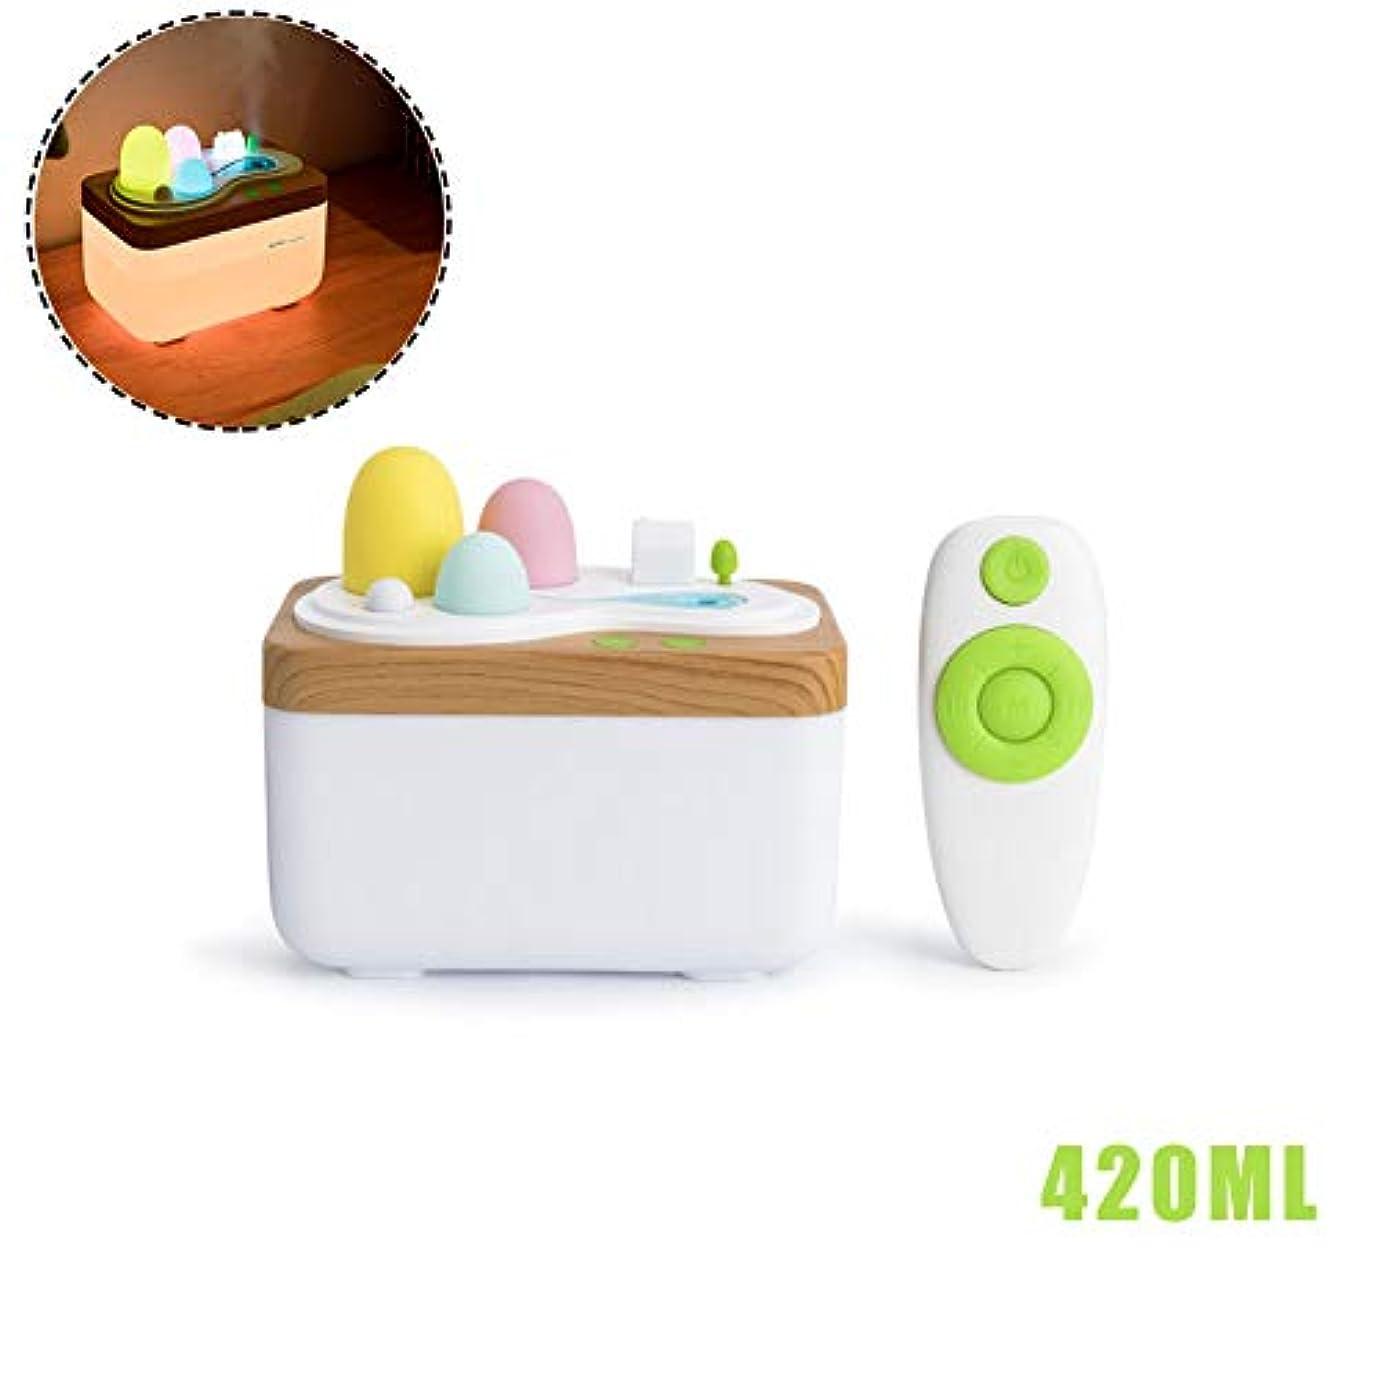 パーセントマウスダニリモコン420mlアロマセラピー用エッセンシャルオイルディフューザー、超音波アロマディフューザーヨガオフィススパ寝室用ミスト加湿器をクールします。